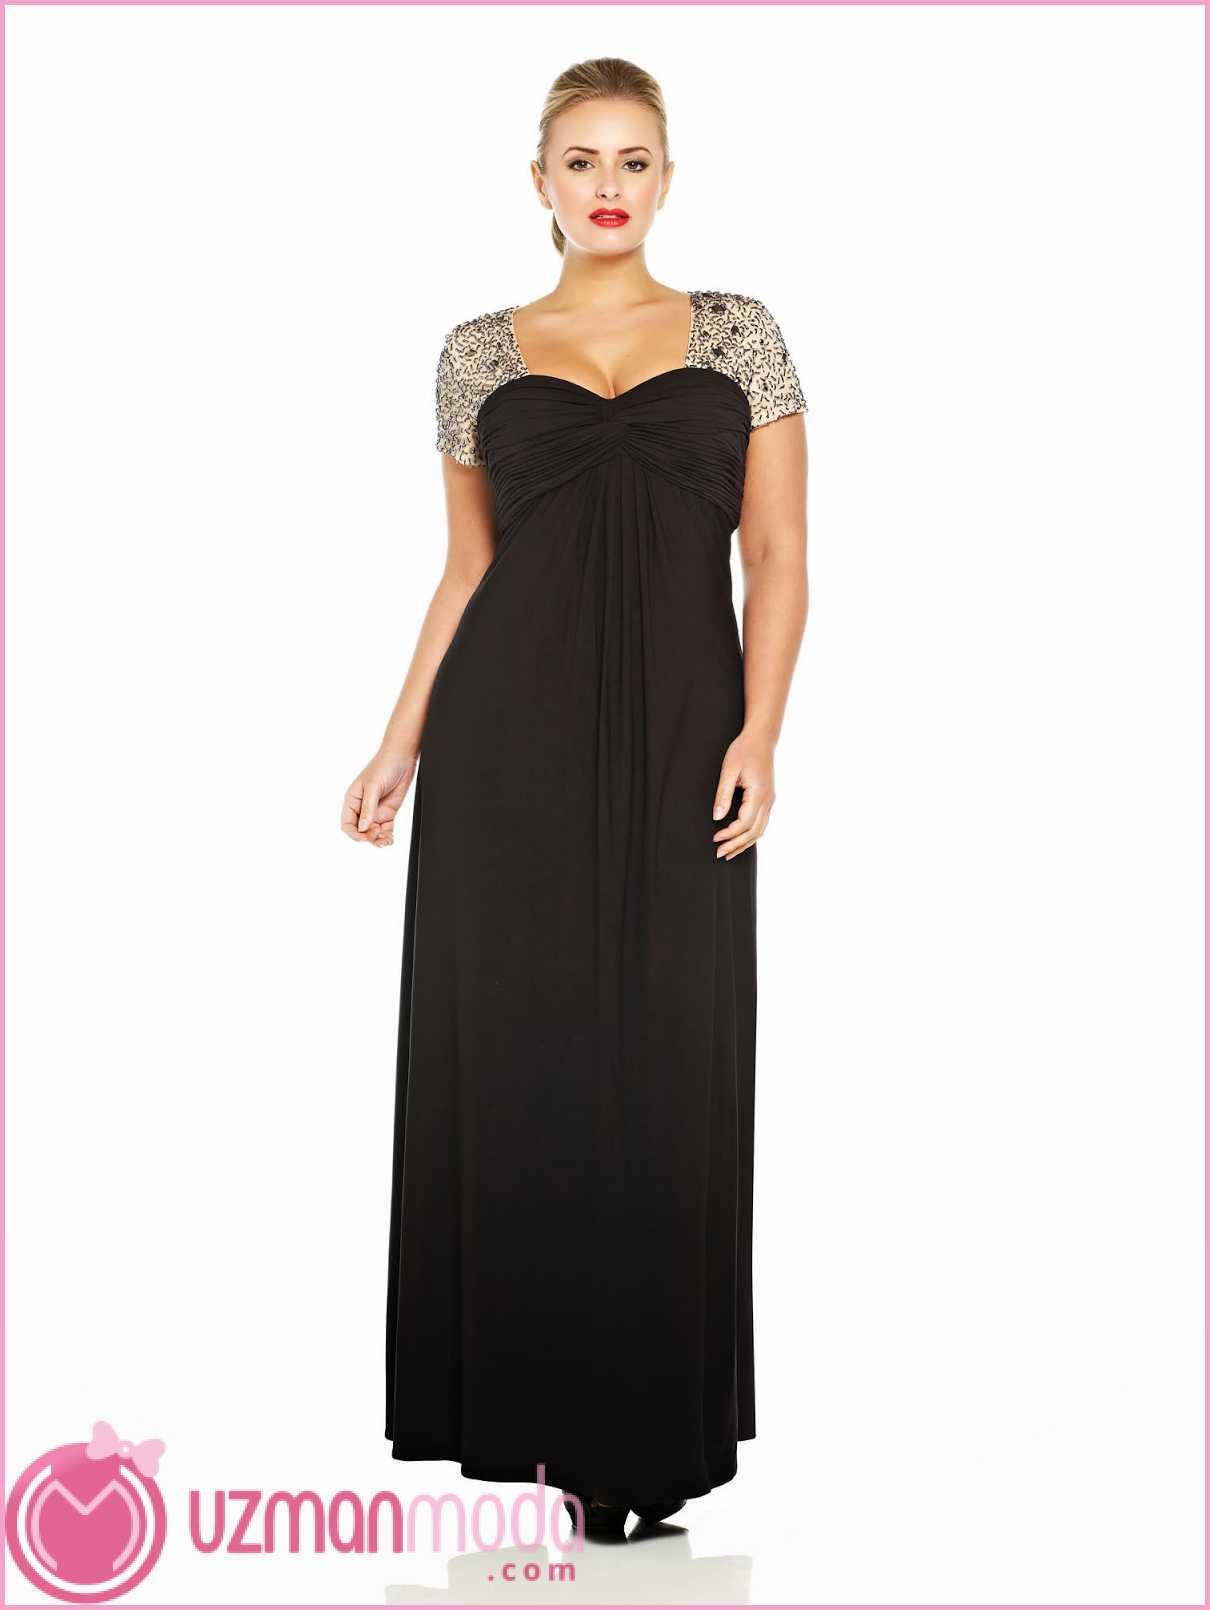 5dadd7e3e74cf Diz altı elbise modelleri | Uzman Moda